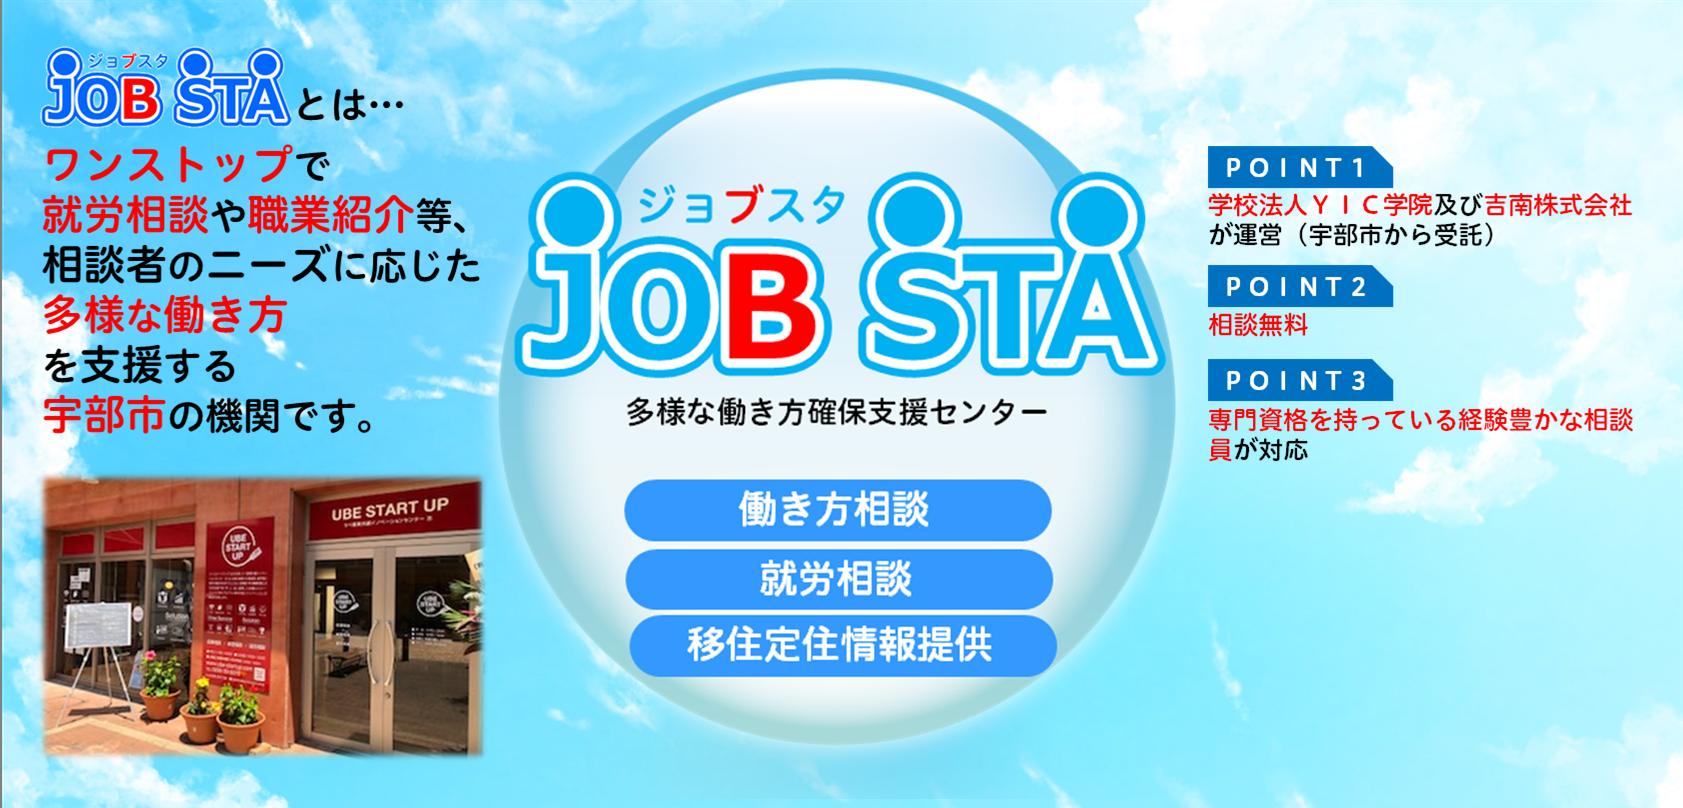 JOB STA(ジョブスタ)多様な働き方確保支援センター